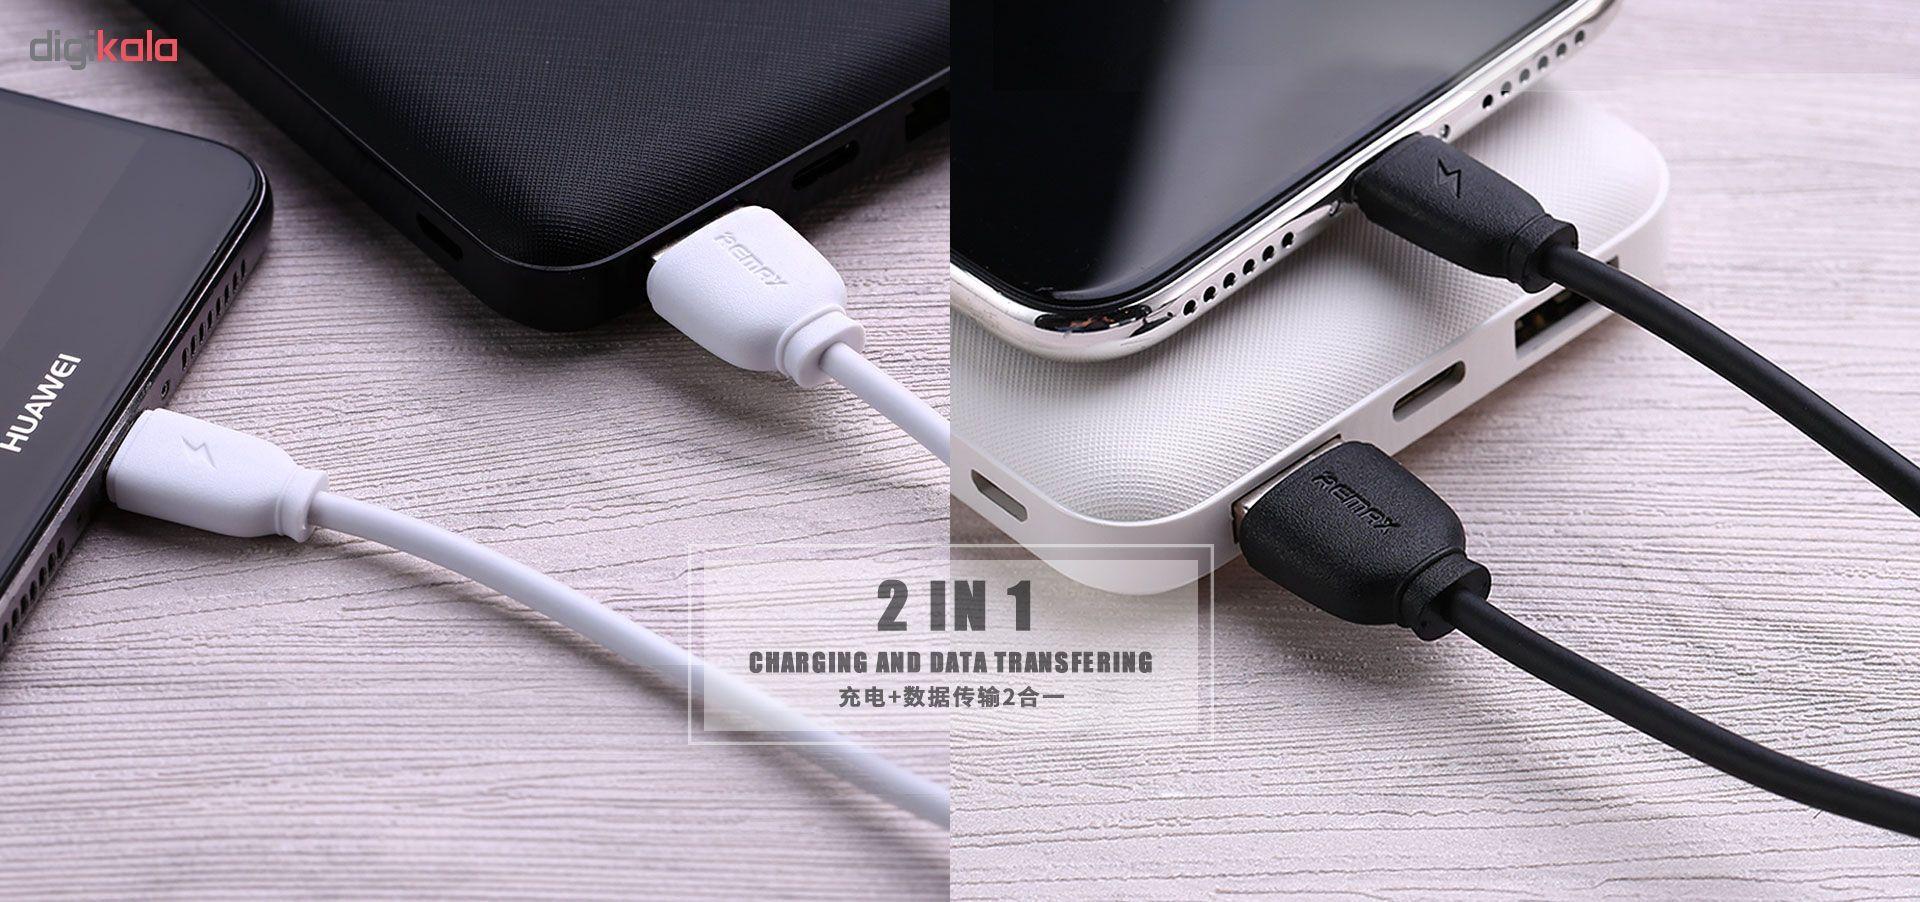 کابل تبدیل USB به لایتنینگ ریمکس مدل RC-134i طول 1 متر main 1 1